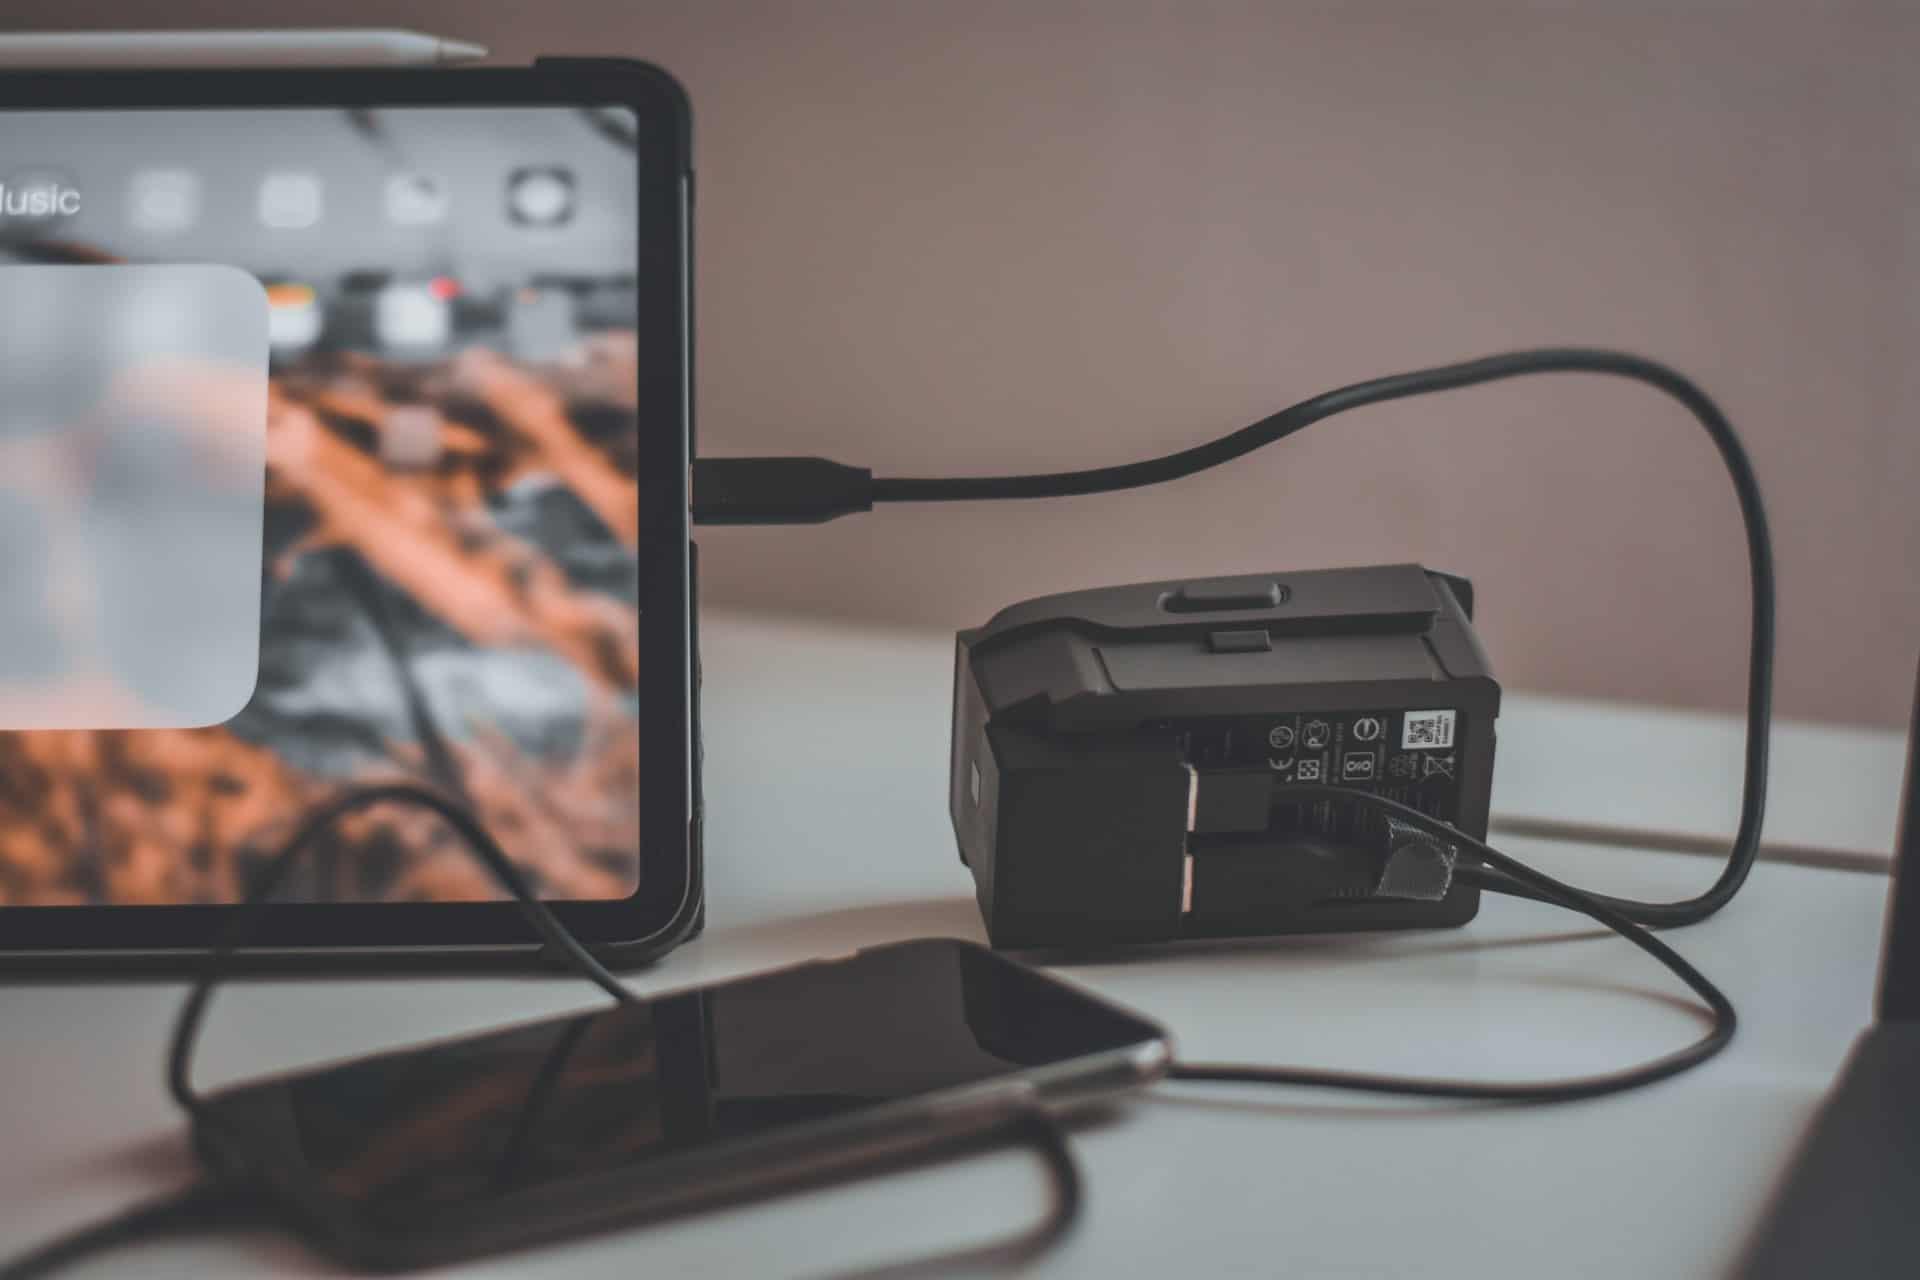 pix-star copiar fotos a usb